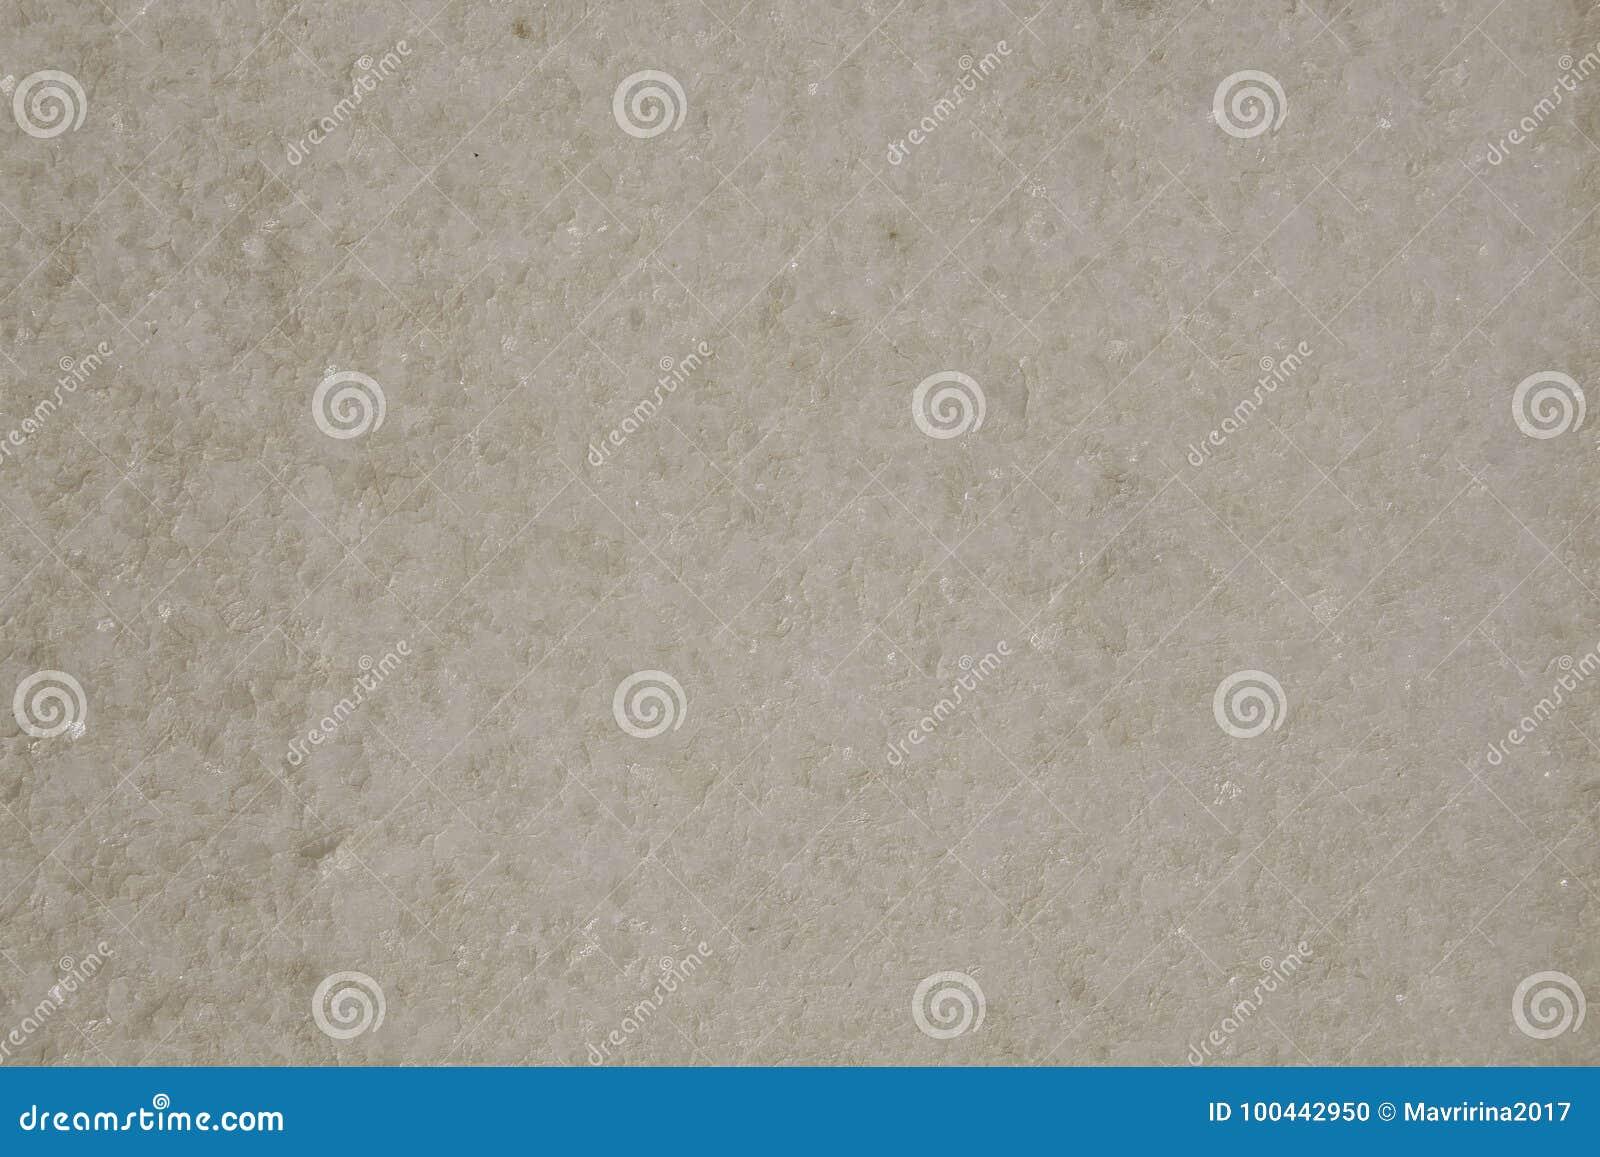 Fond de marbre blanc de texture